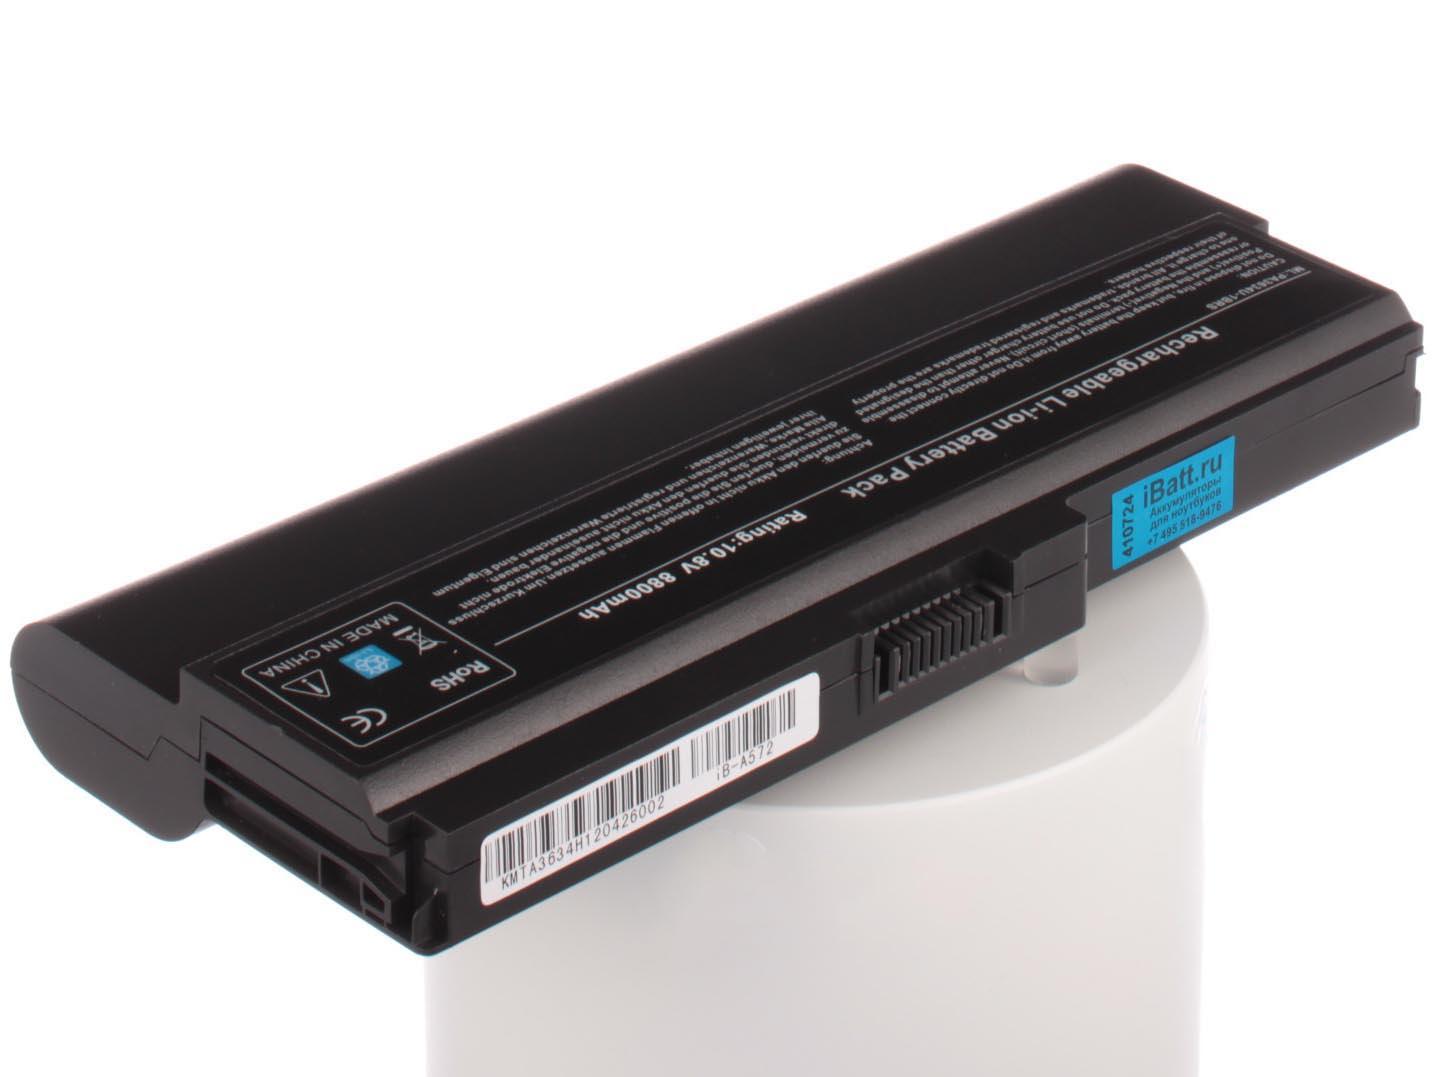 Аккумулятор для ноутбука iBatt для ToshiBa Satellite Pro C650-18D, Satellite Pro C650D, Satellite U400-17T, Satellite U400-218, Satellite C660-1TD, Satellite L750-10X, Satellite L755-14L, Satellite P750-10R, Satellite U400-20U аккумулятор rocknparts для toshiba satellite l750 48wh 10 8v 432092